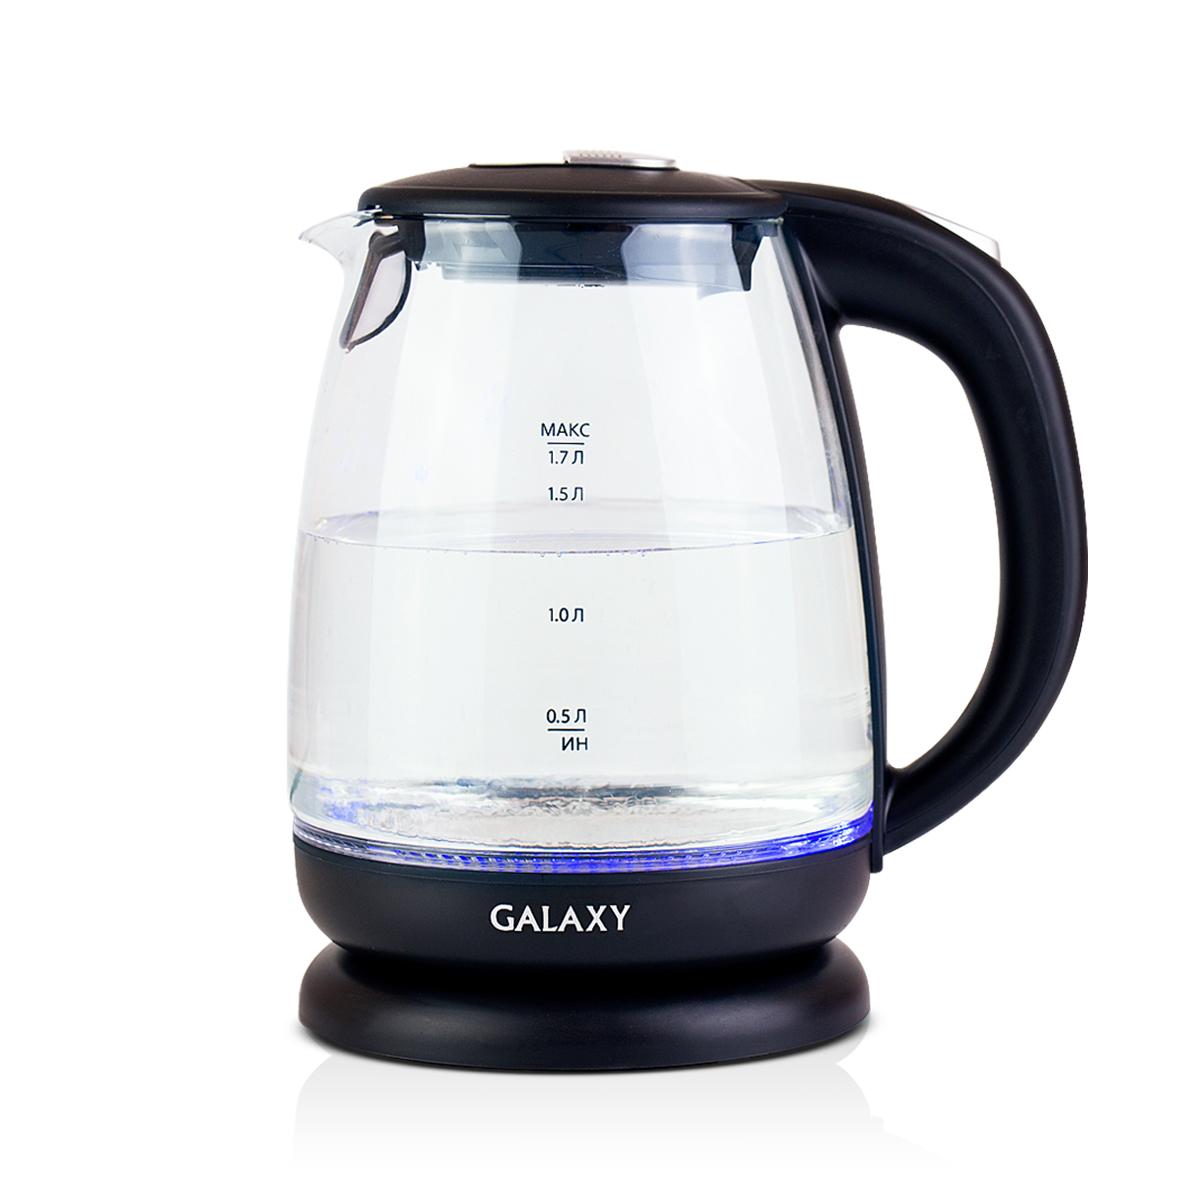 Galaxy GL 0550, Black чайник электрический4630003367662Электрический чайник Galaxy GL 0550 отвечает всем современным требованиям надежности и безопасности. При его производстве используются только высококачественные и экологически безопасные материалы, а также нагревательный элемент и контроллеры высокого класса надежности. Устройство будет служить вам долгие годы, наполняя ваш быт комфортом! Galaxy GL 0550 - это мощная (2200 Вт) модель объемом 1,7 л. С помощью этого чайника вы сможете приготовить чай на большую компанию за считанные минуты. Вращающийся корпус сделает использование чайника еще более удобным, а фильтр избавит от попадания накипи в чашку.